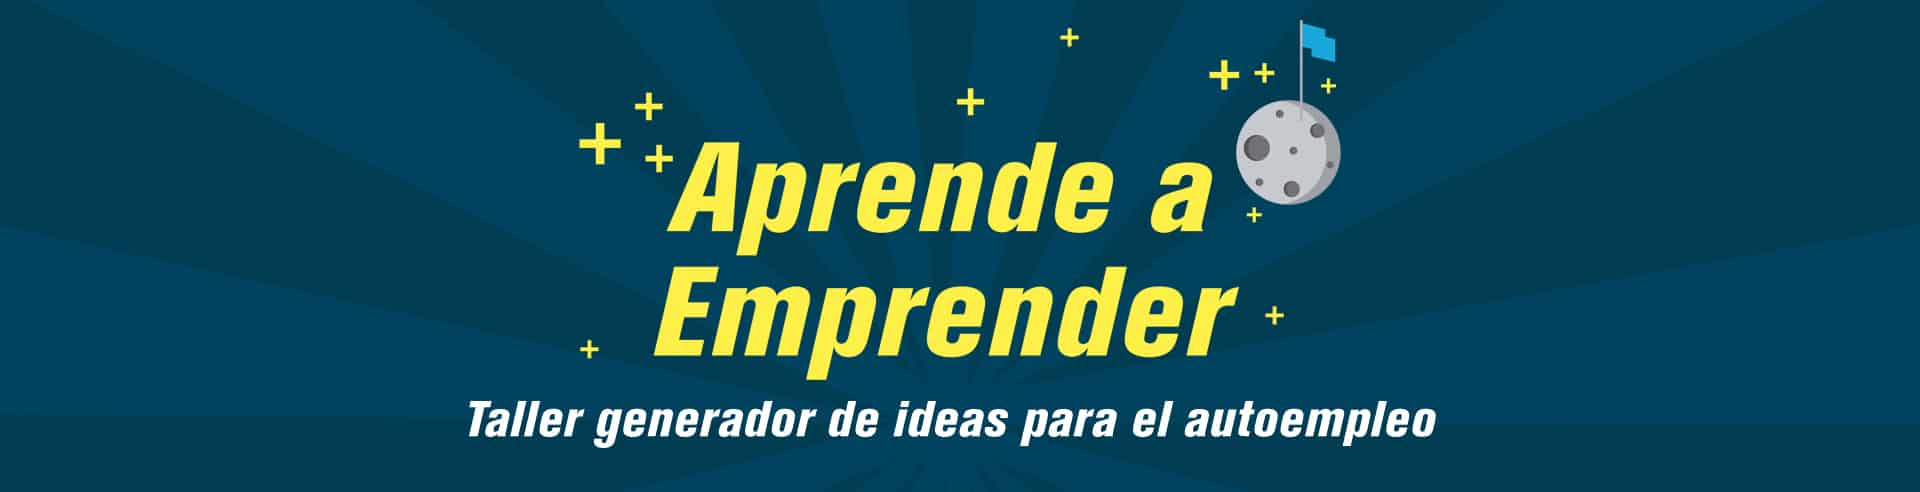 curso Aprende a Emprender. Taller generador de ideas para el autoempleo. La palma emprende